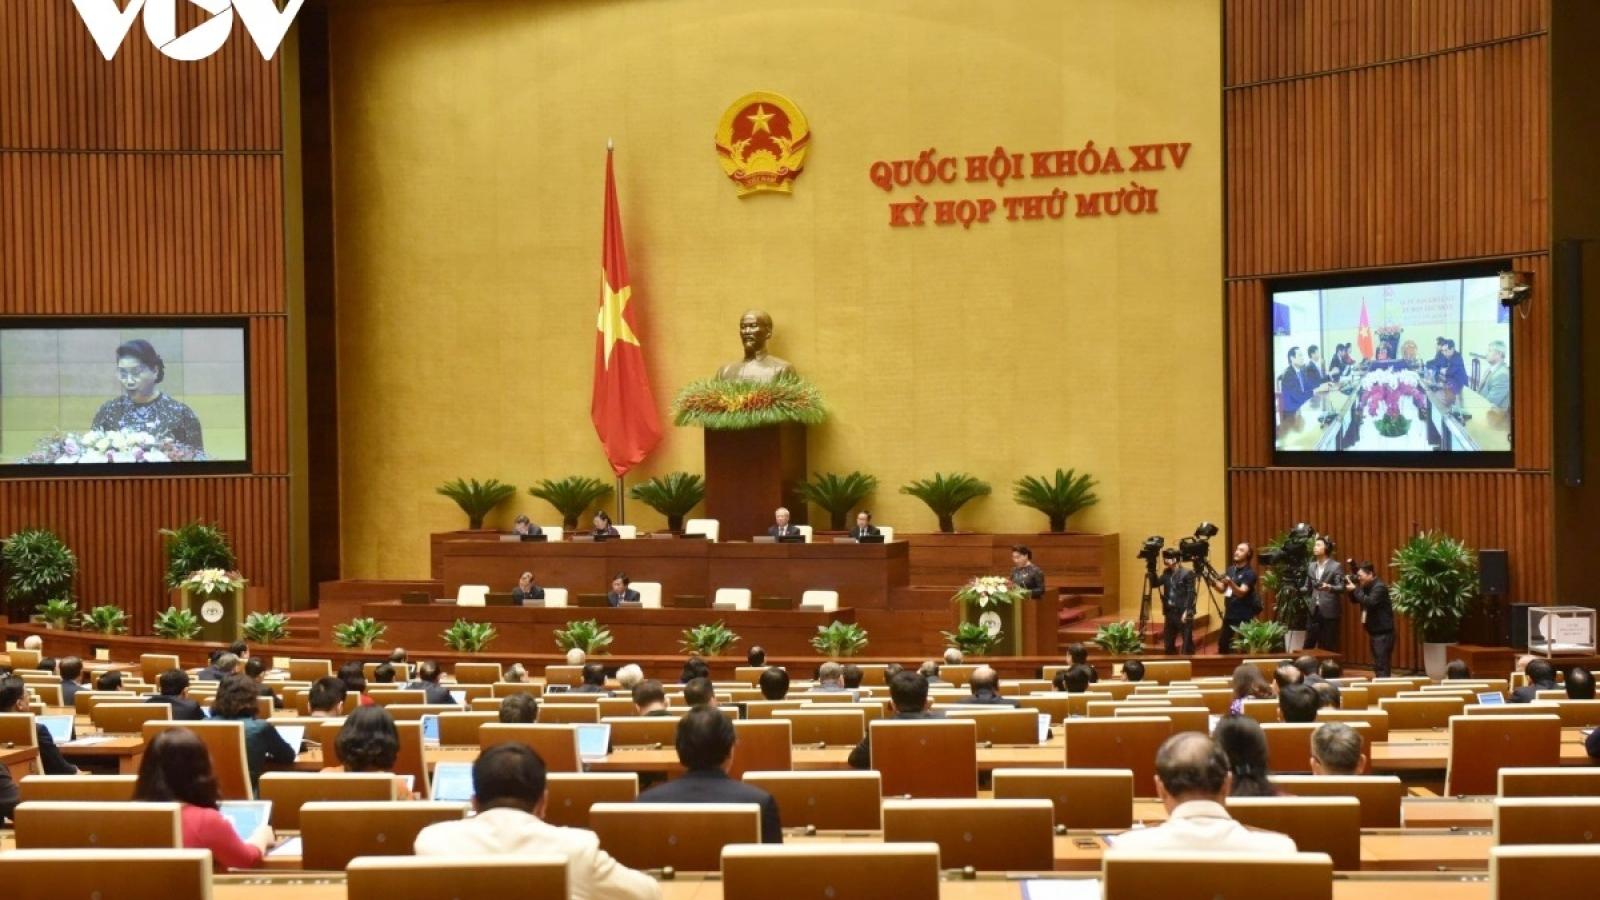 Công tác lập pháp của Quốc hội dần đi tới chuyên nghiệp, dân chủ